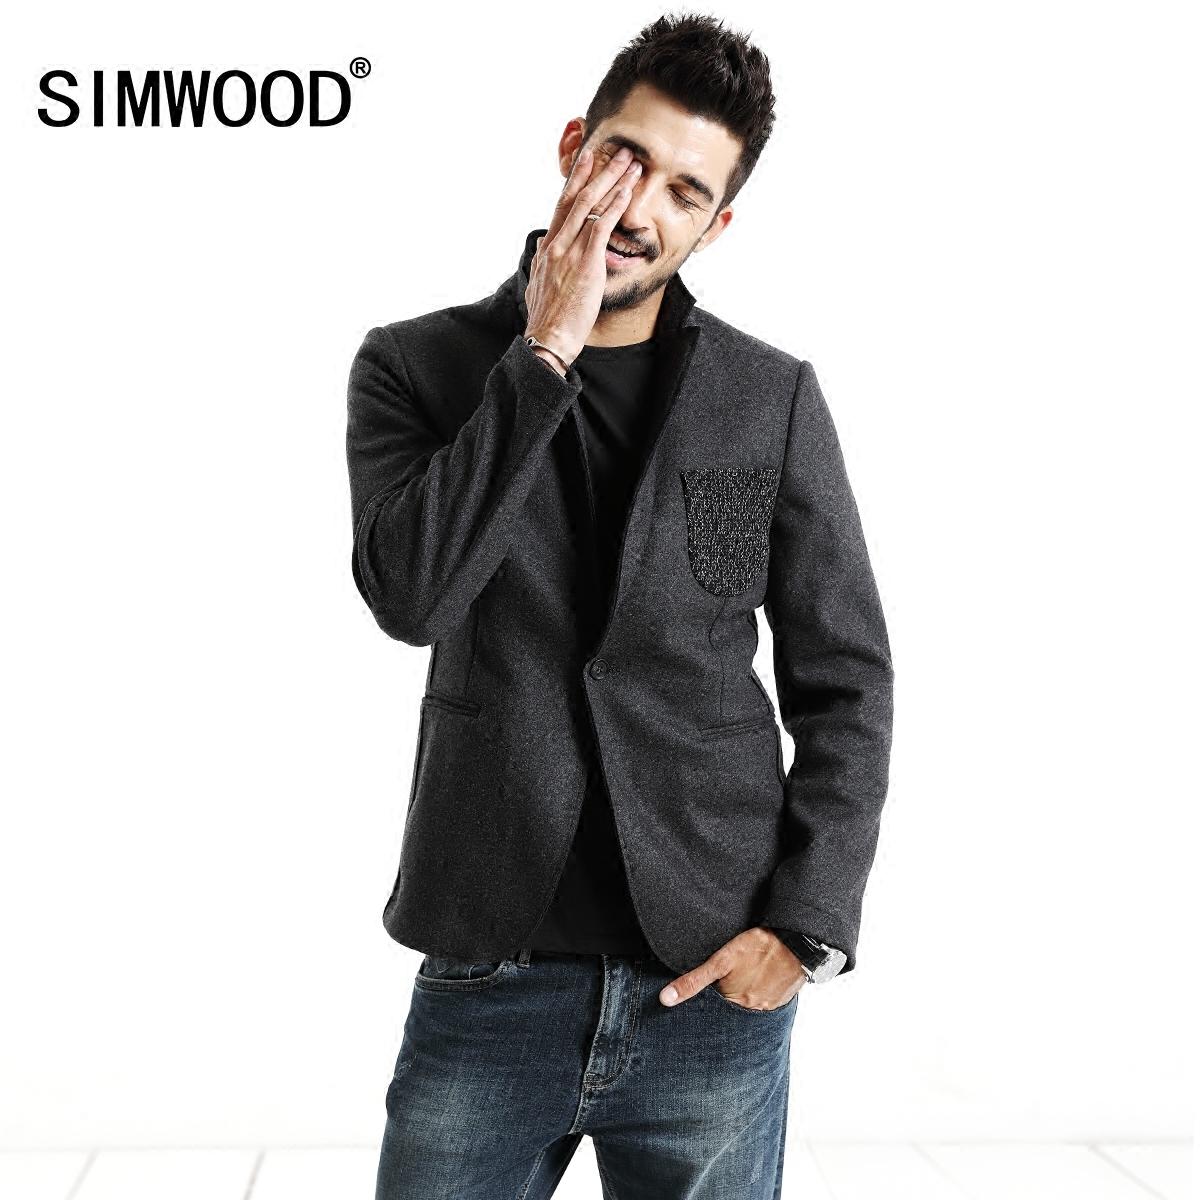 欧美西装男 Simwood简木男装秋季新款欧美修身薄款西服混羊毛休闲西装外套男_推荐淘宝好看的欧美西装男